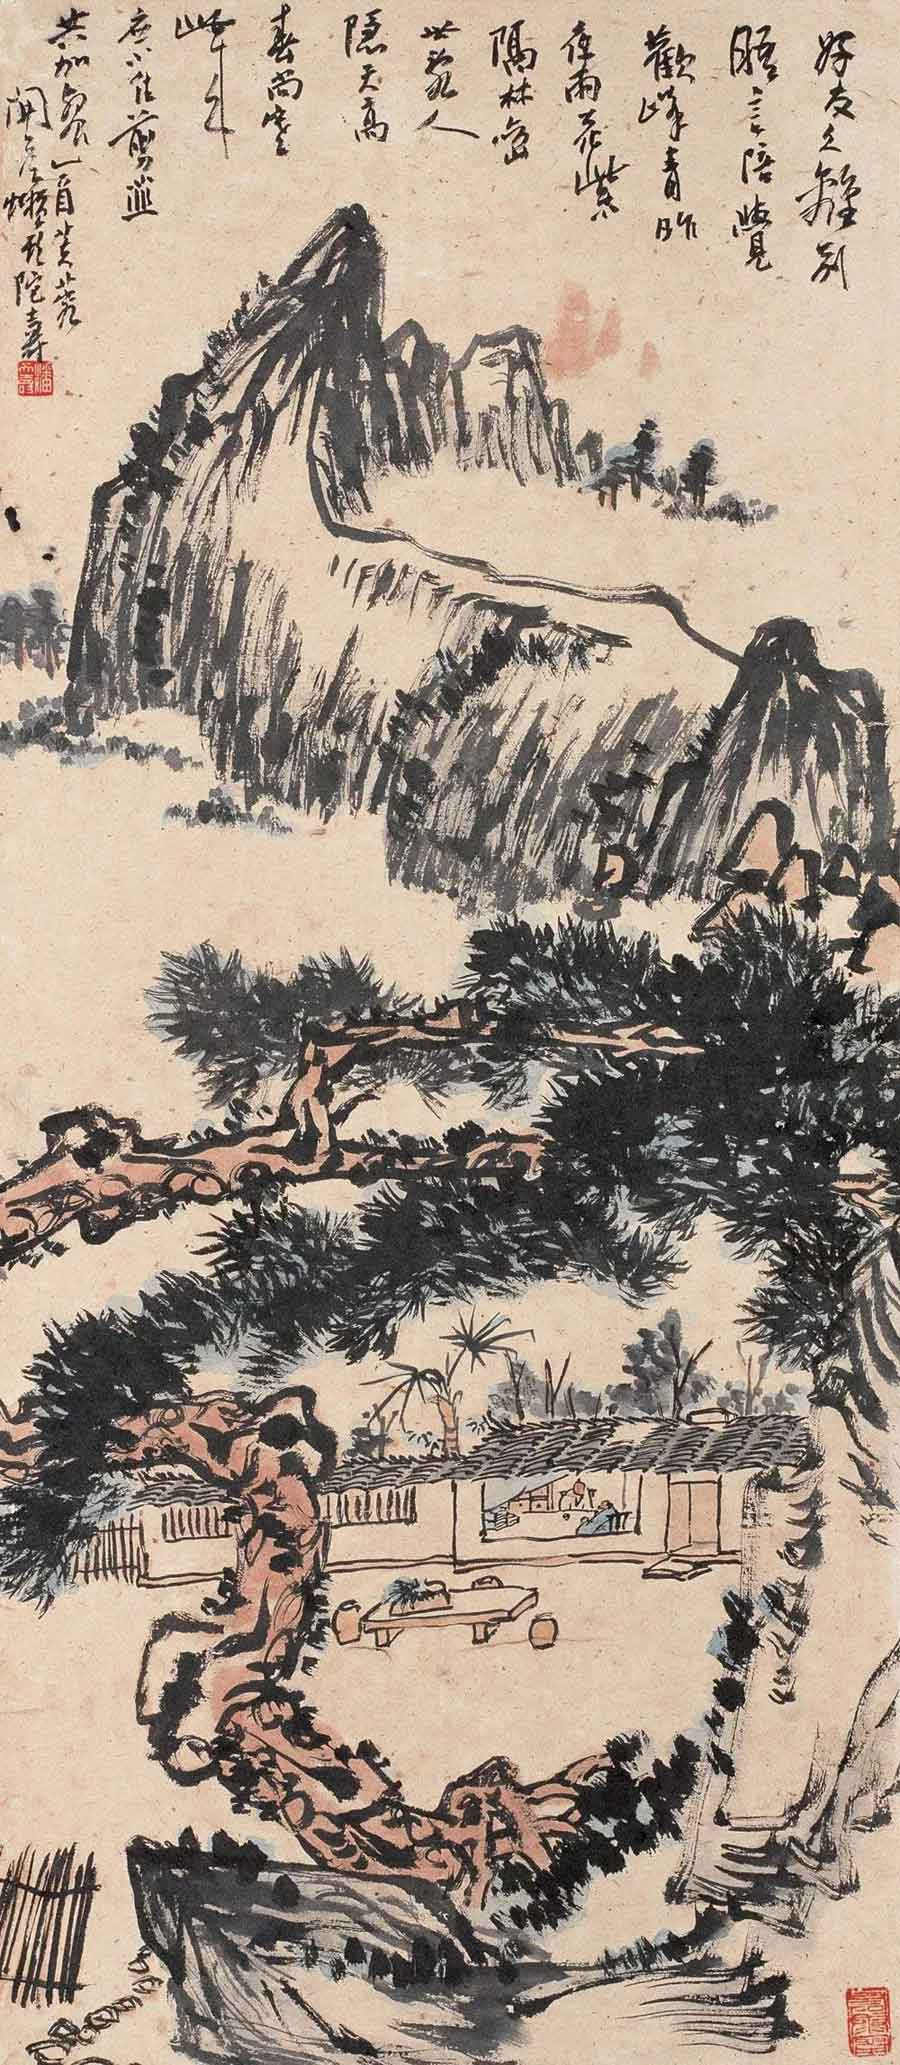 潘天寿 1945年作 《松荫夜话》 100×43.5cm